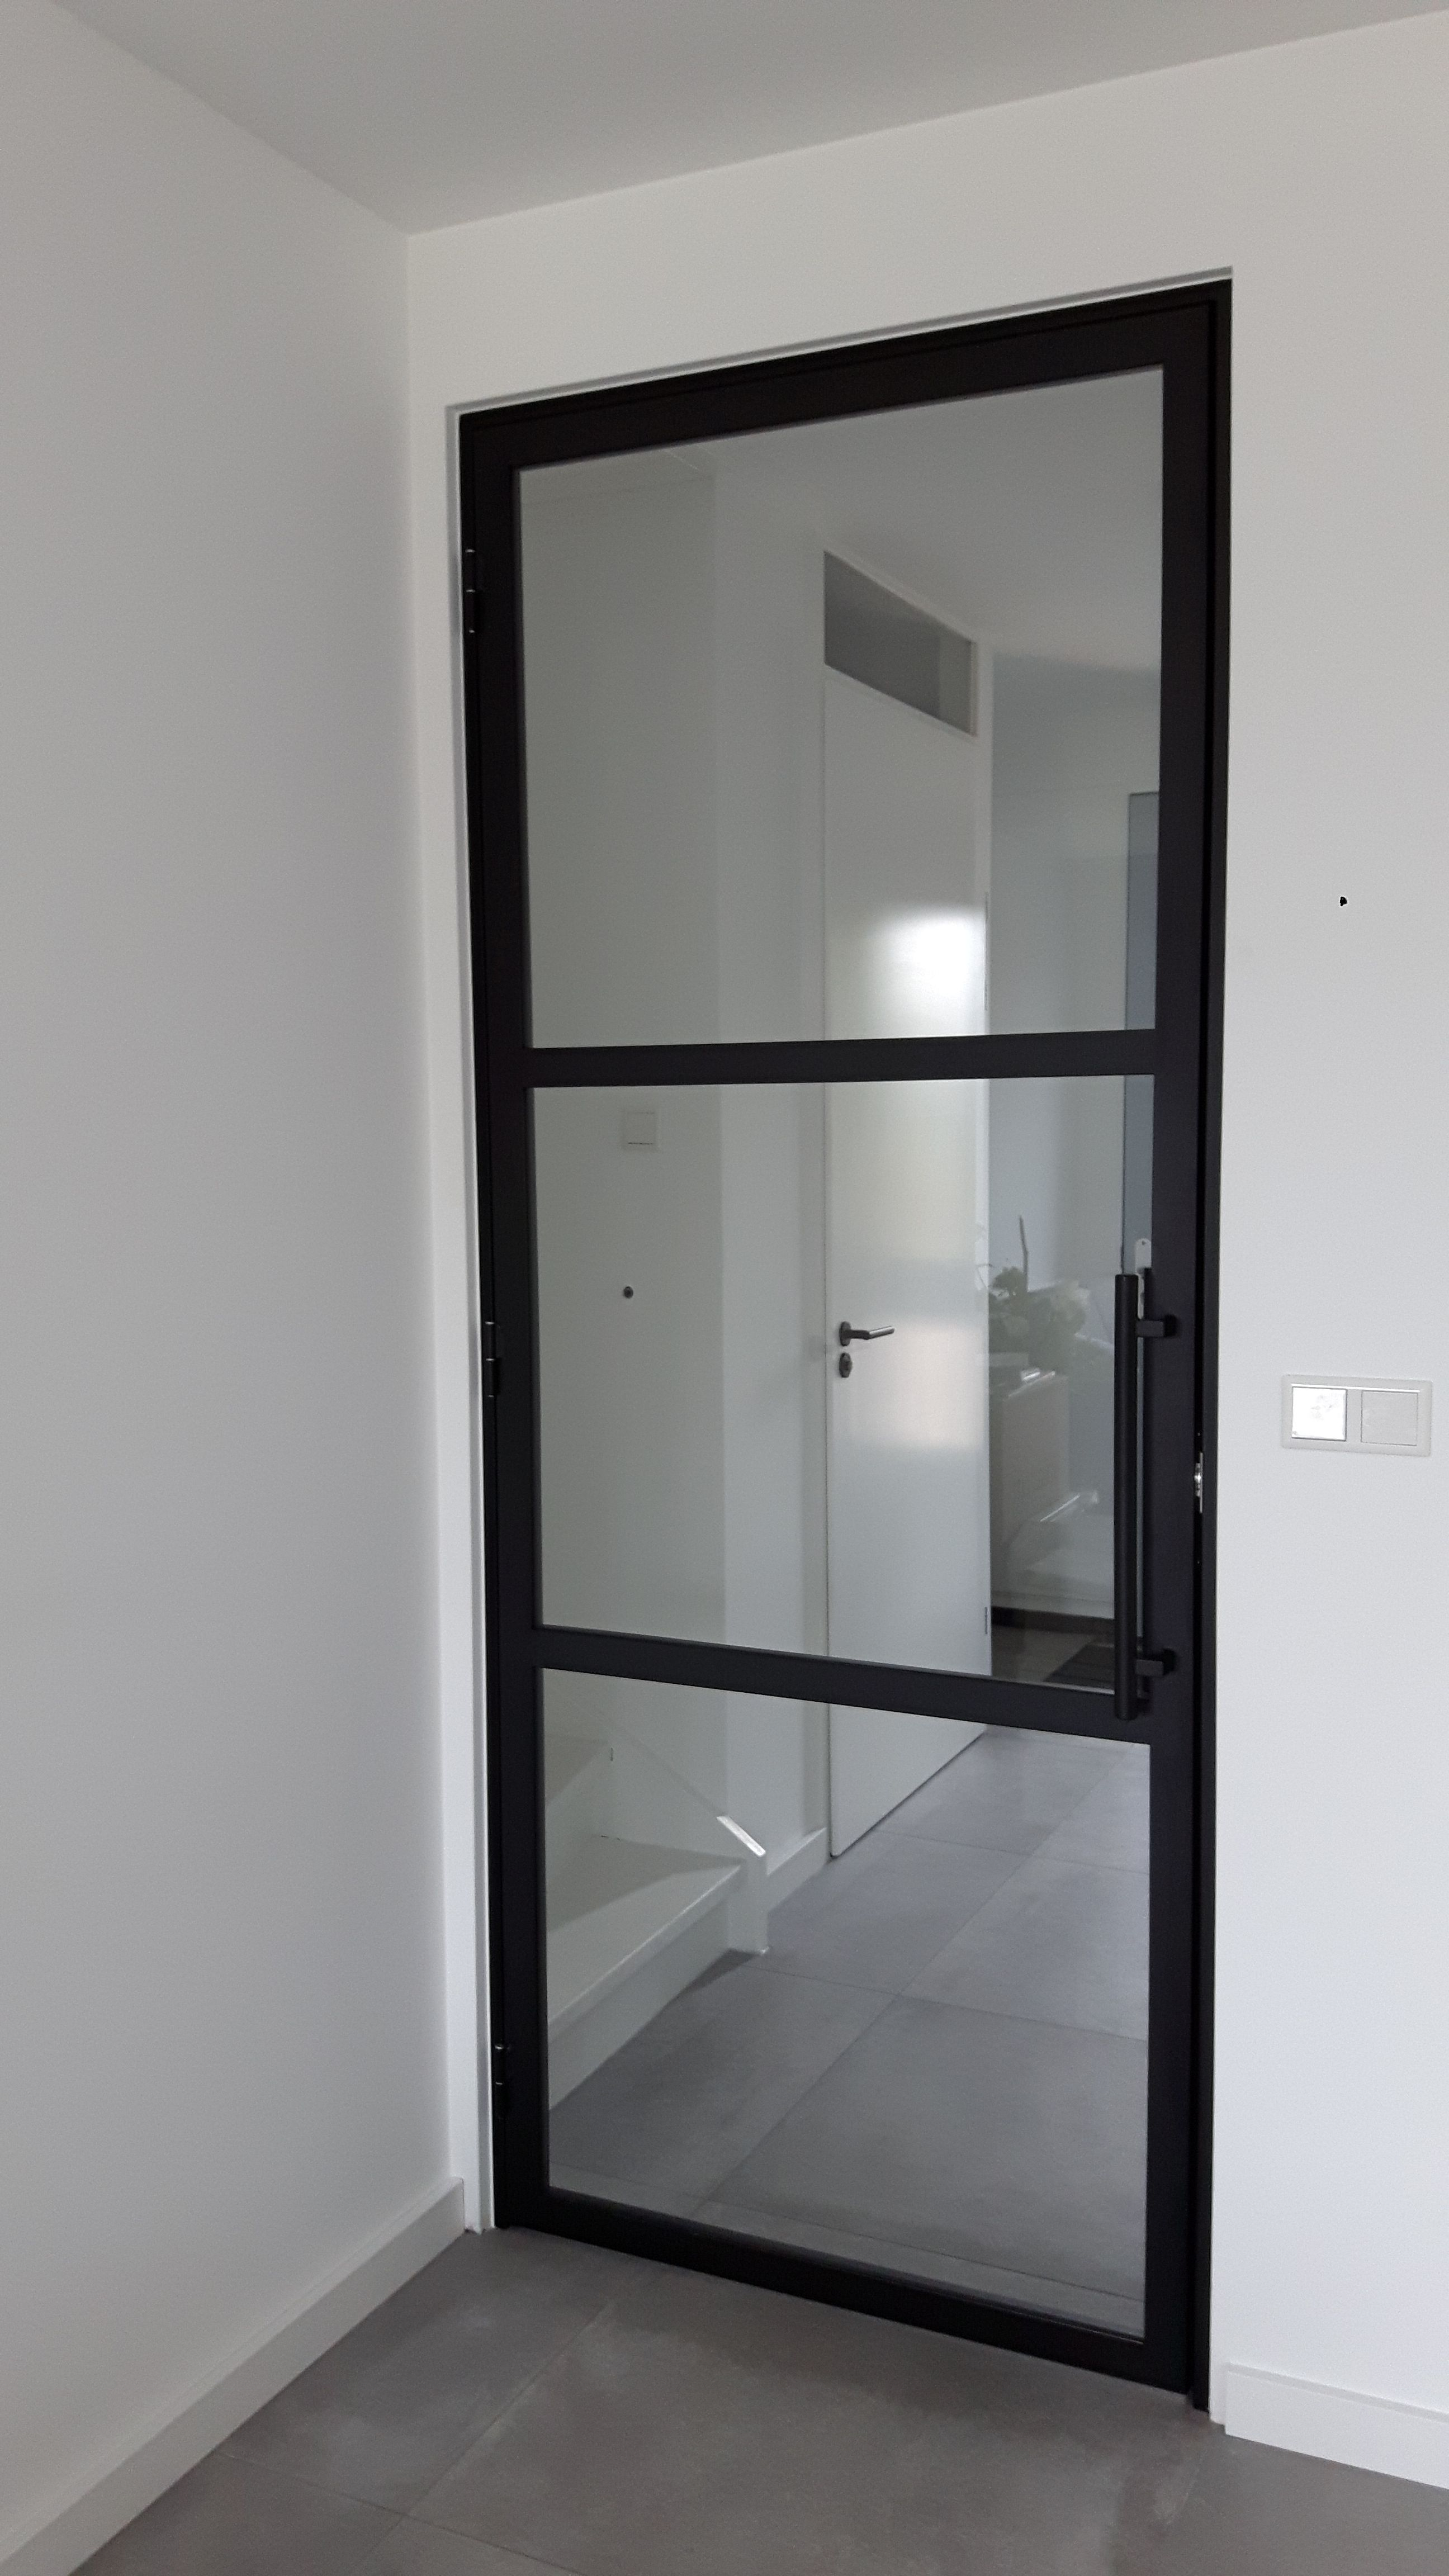 Metalen deuren: 1 zo\'n deur vanuit te gang naar de woonkamer wil ik ...